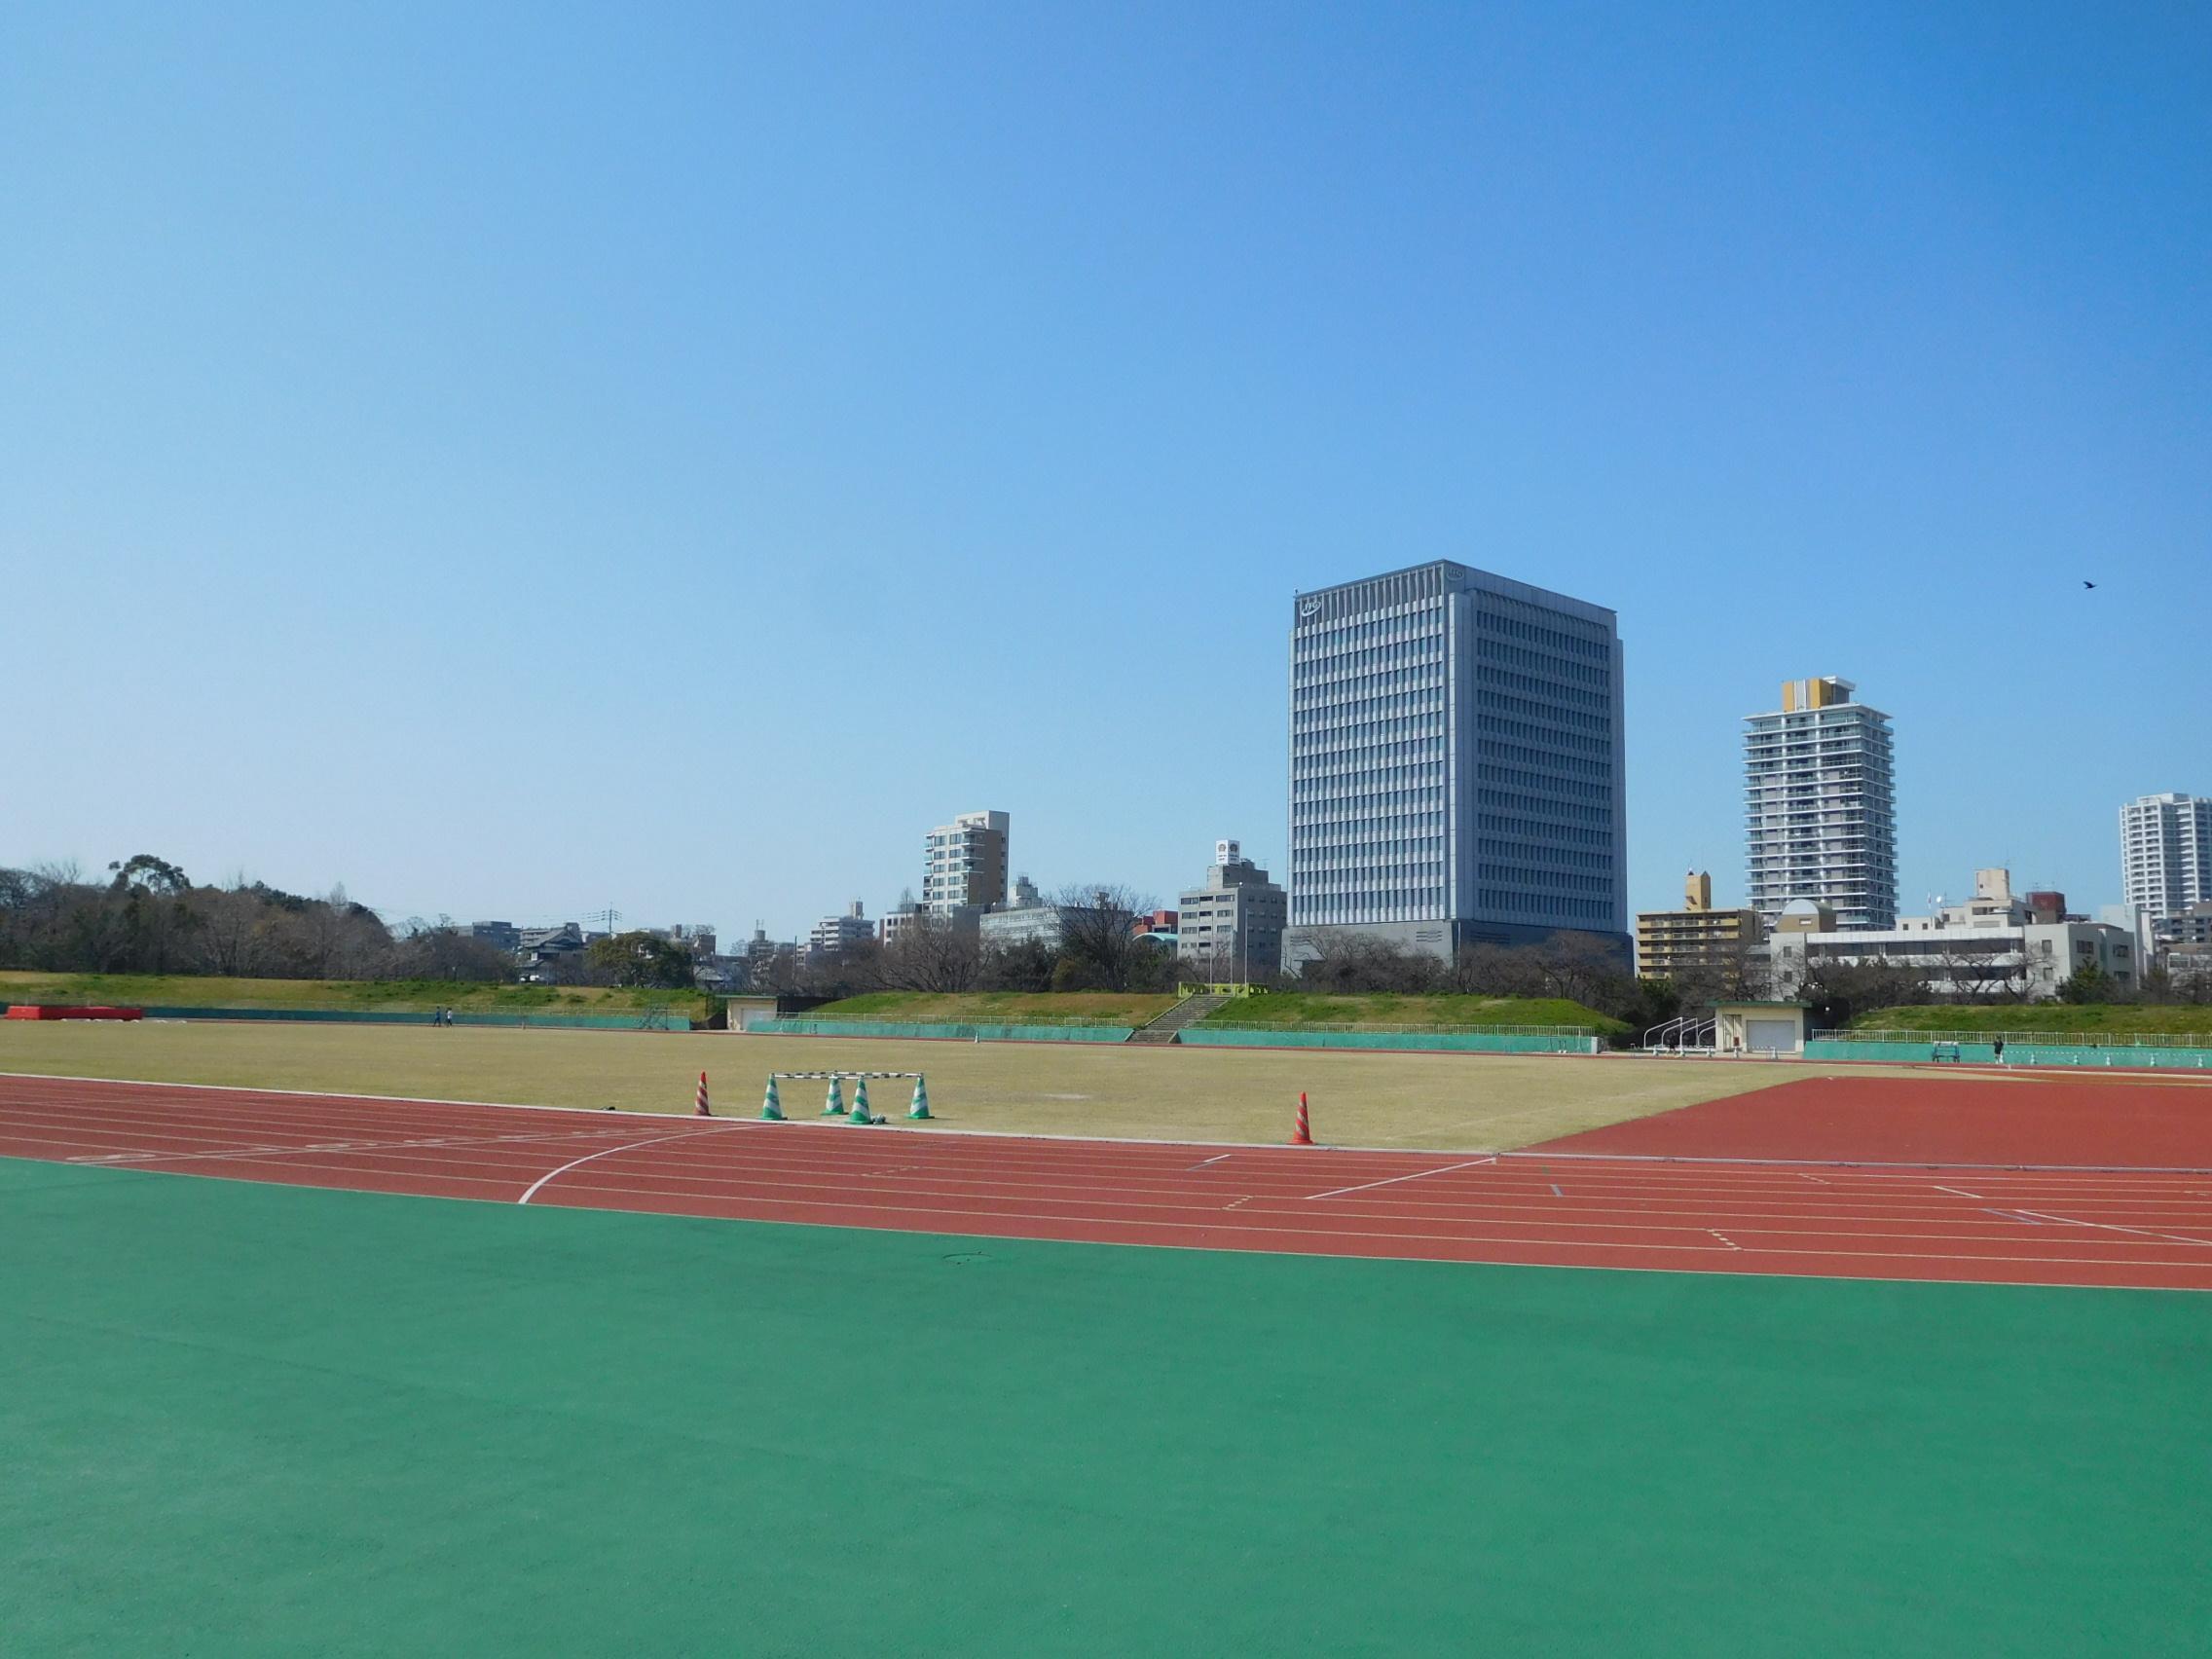 http://www.midorimachi.jp/blog/DSCN3741.JPG